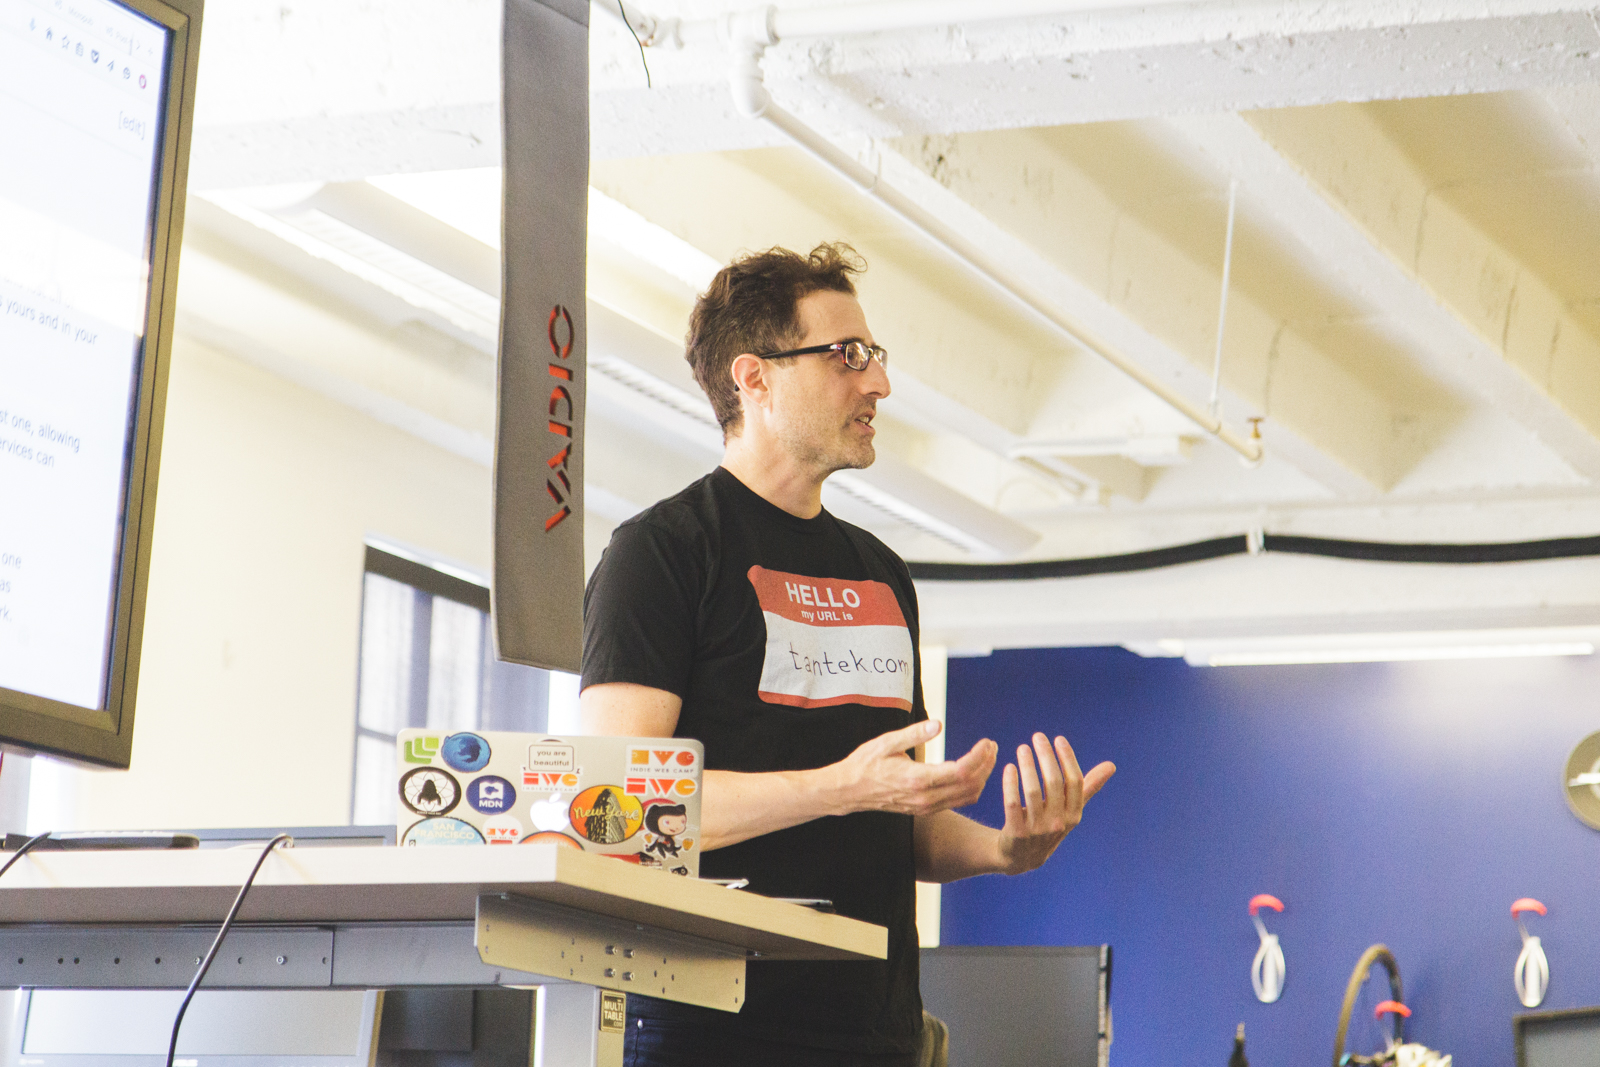 Photo of Tantek speaking at IndieWeb Summit 2016